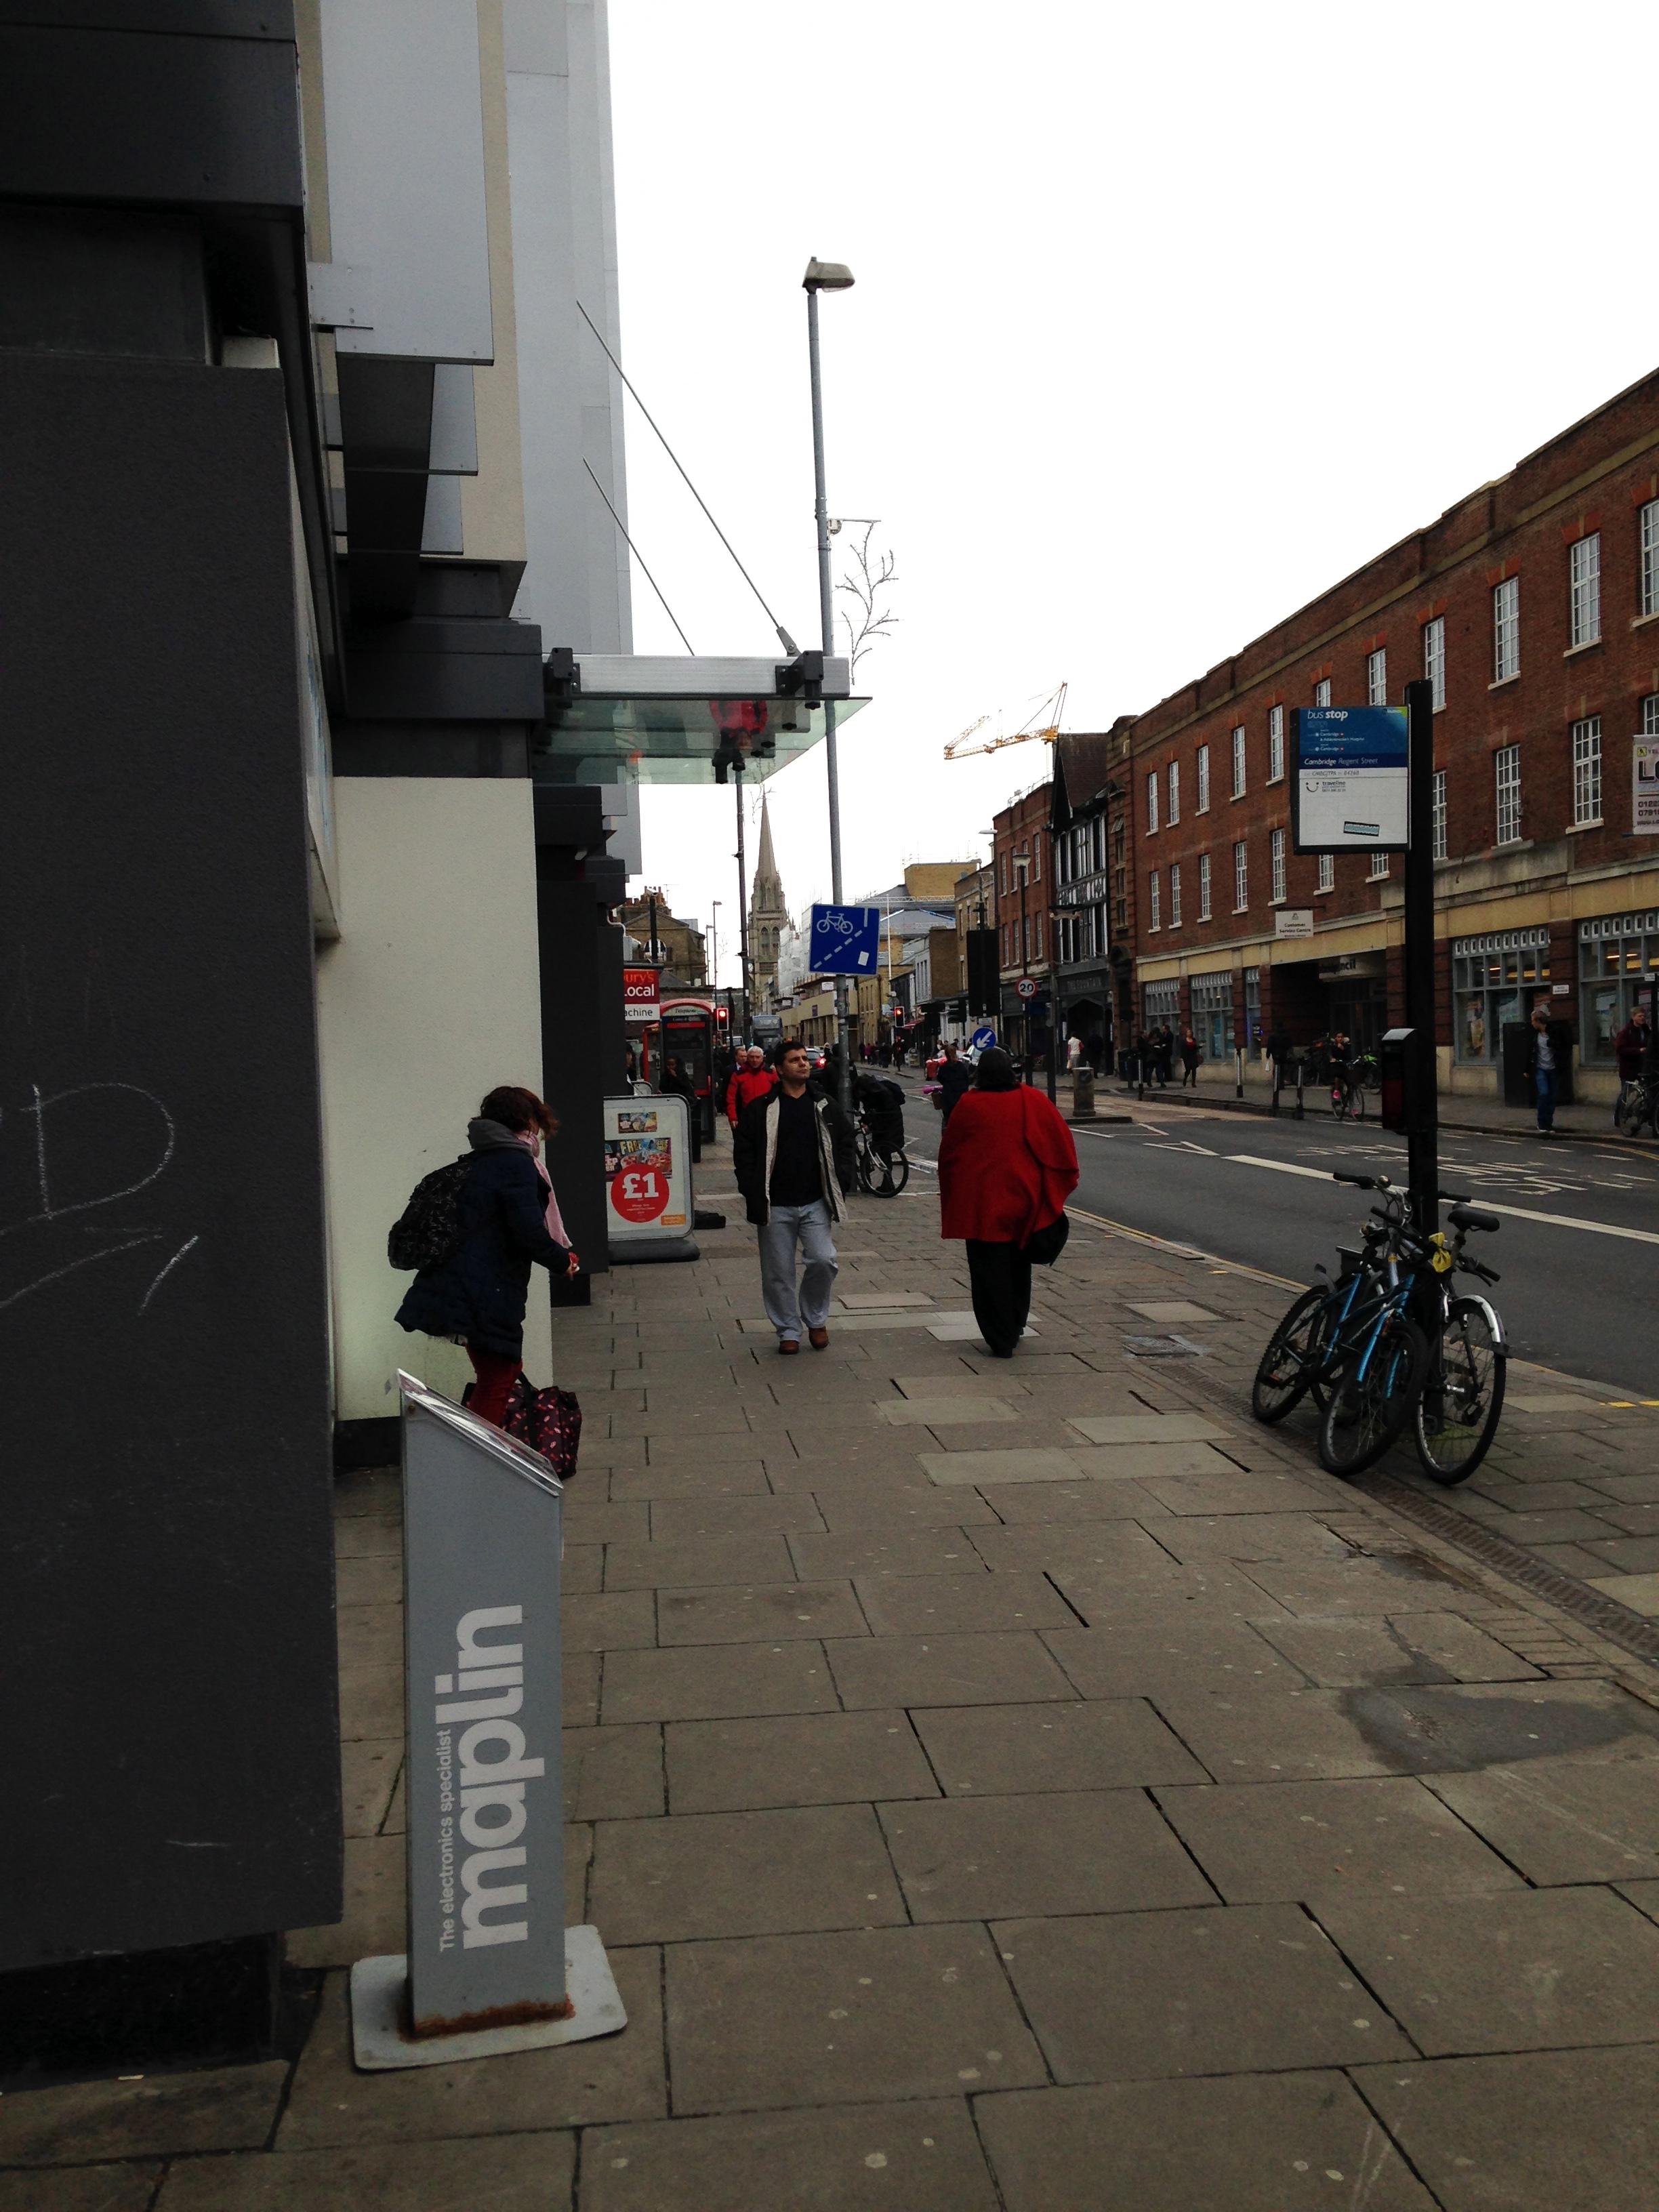 St Andrews Street, where I met Nathan.